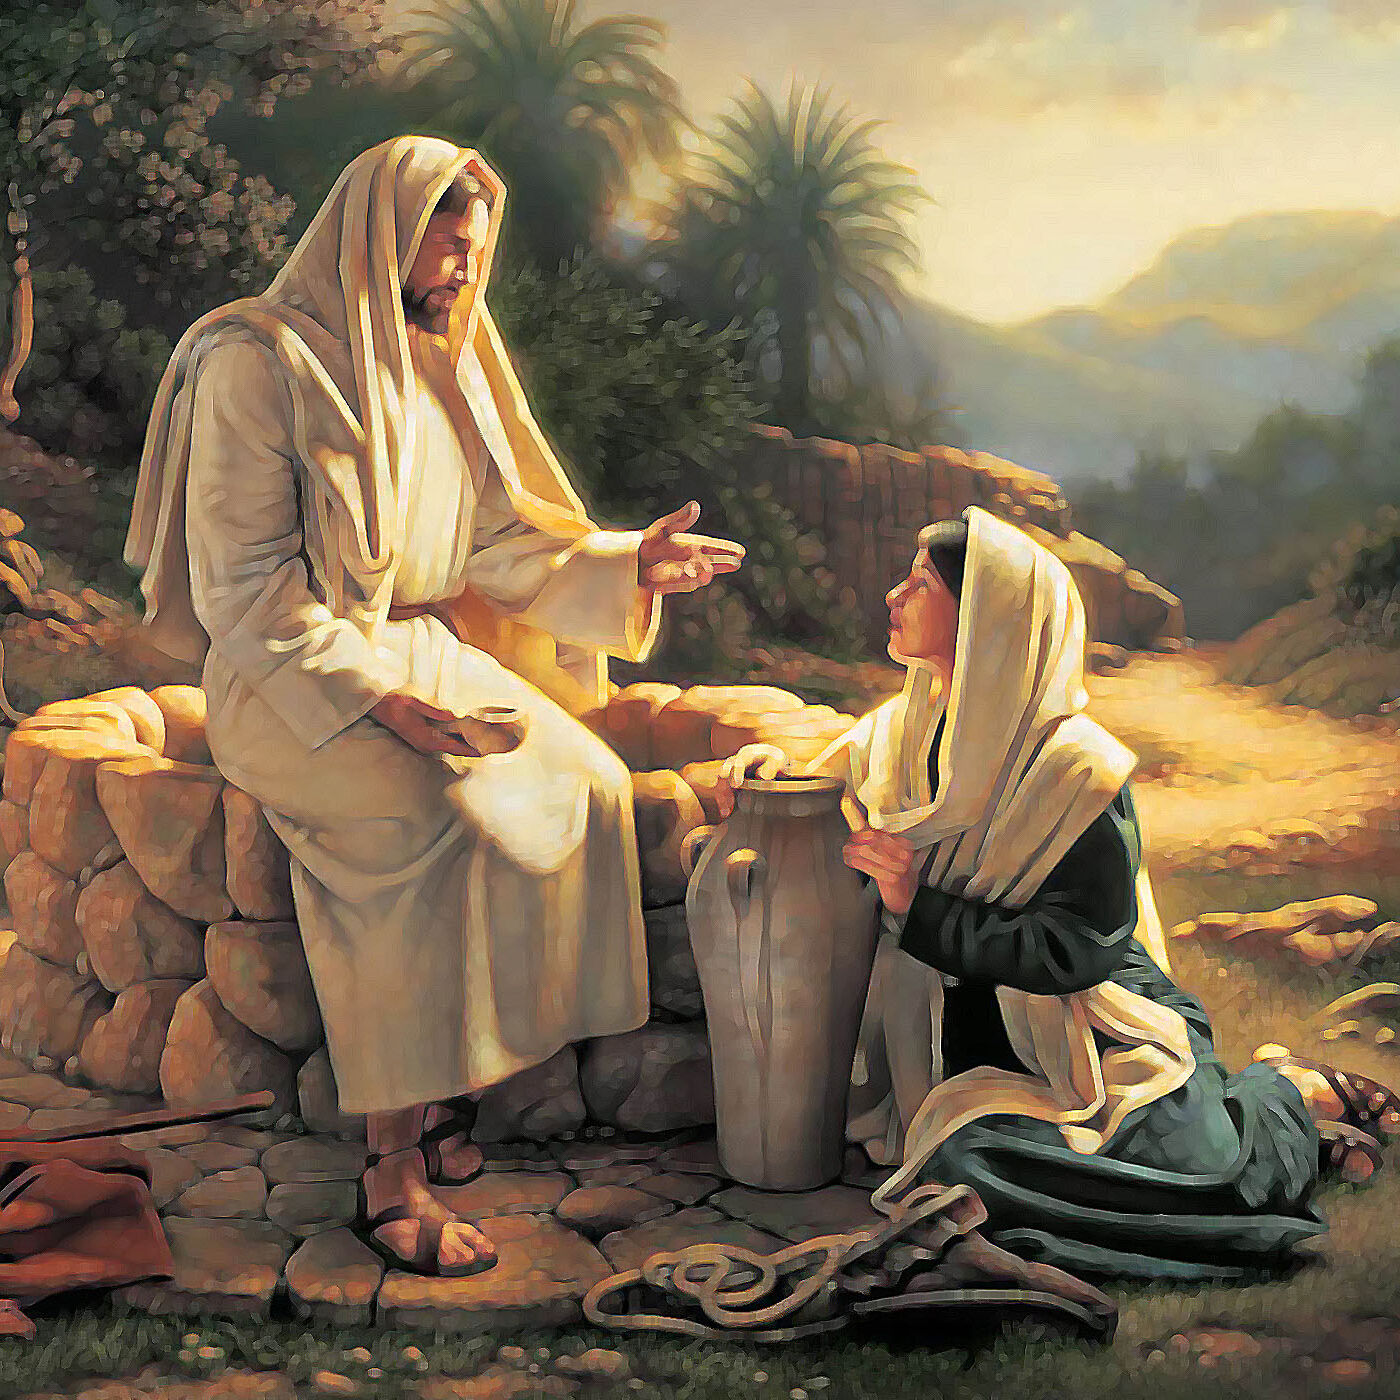 riflessioni sul Vangelo di Venerdì 19 Marzo 2021 (Mt 1, 16.18-21.24)